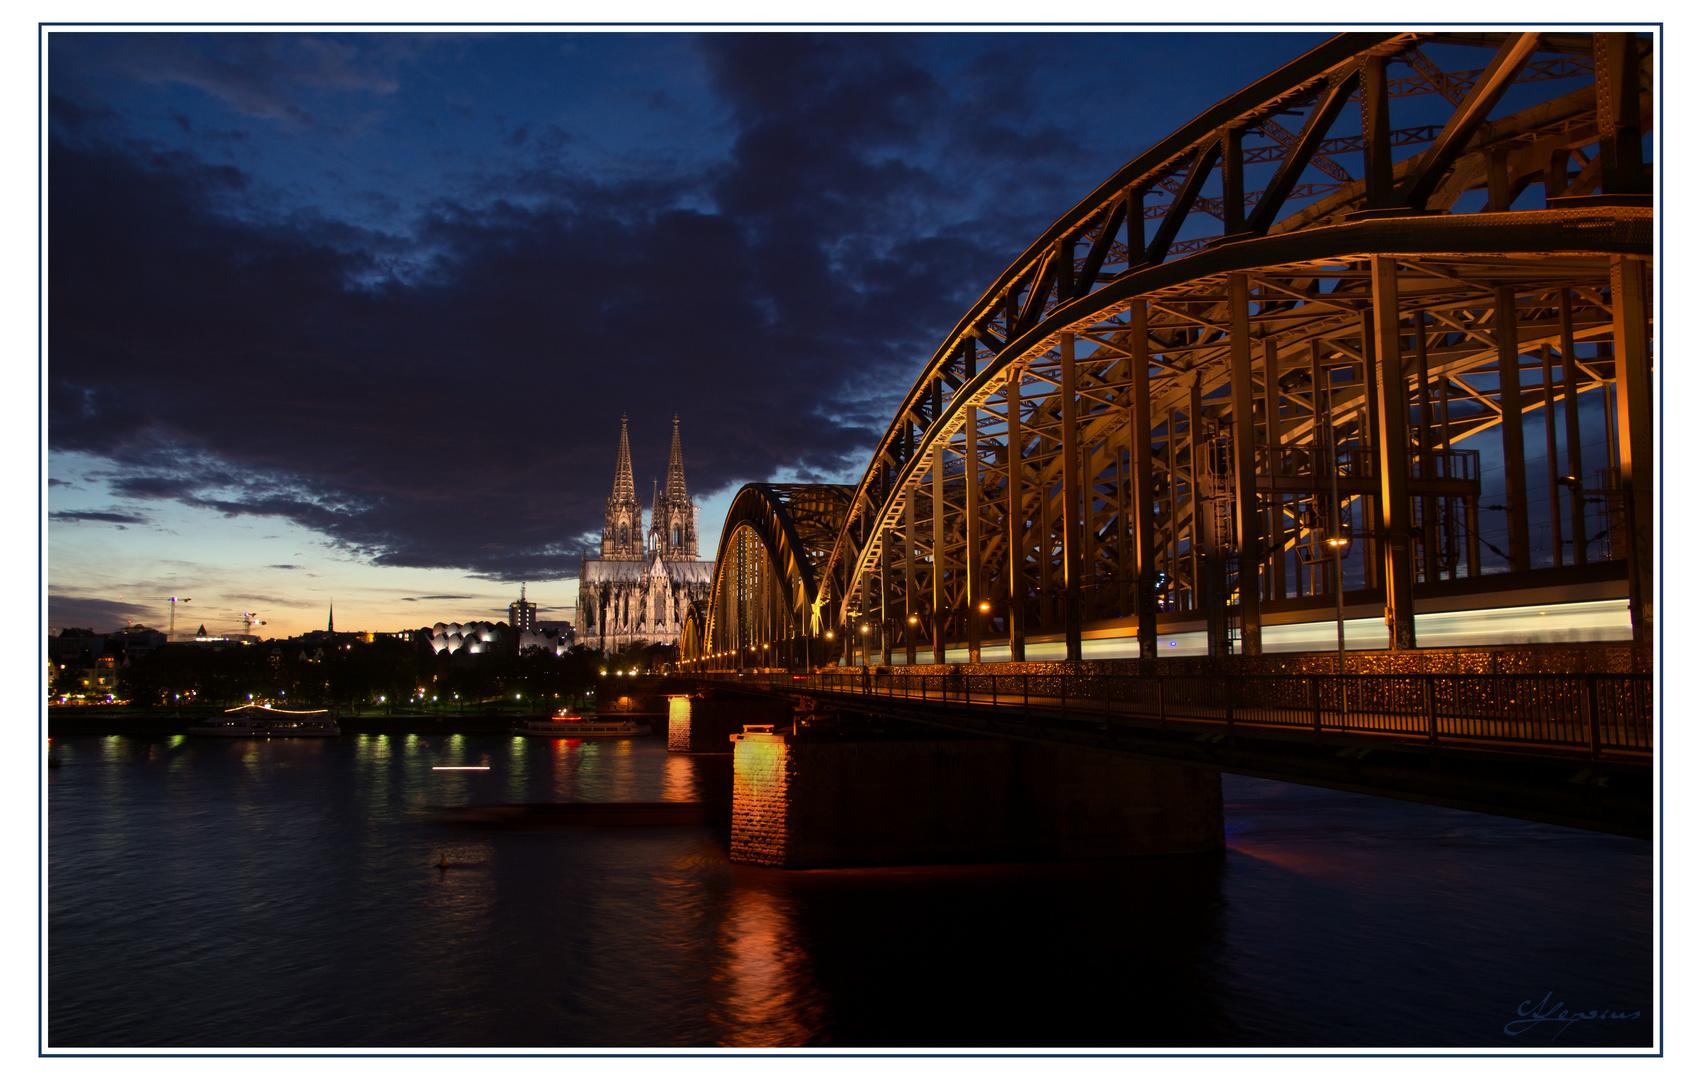 Fahrt über die Kölner Rheinbrücke bei Nacht